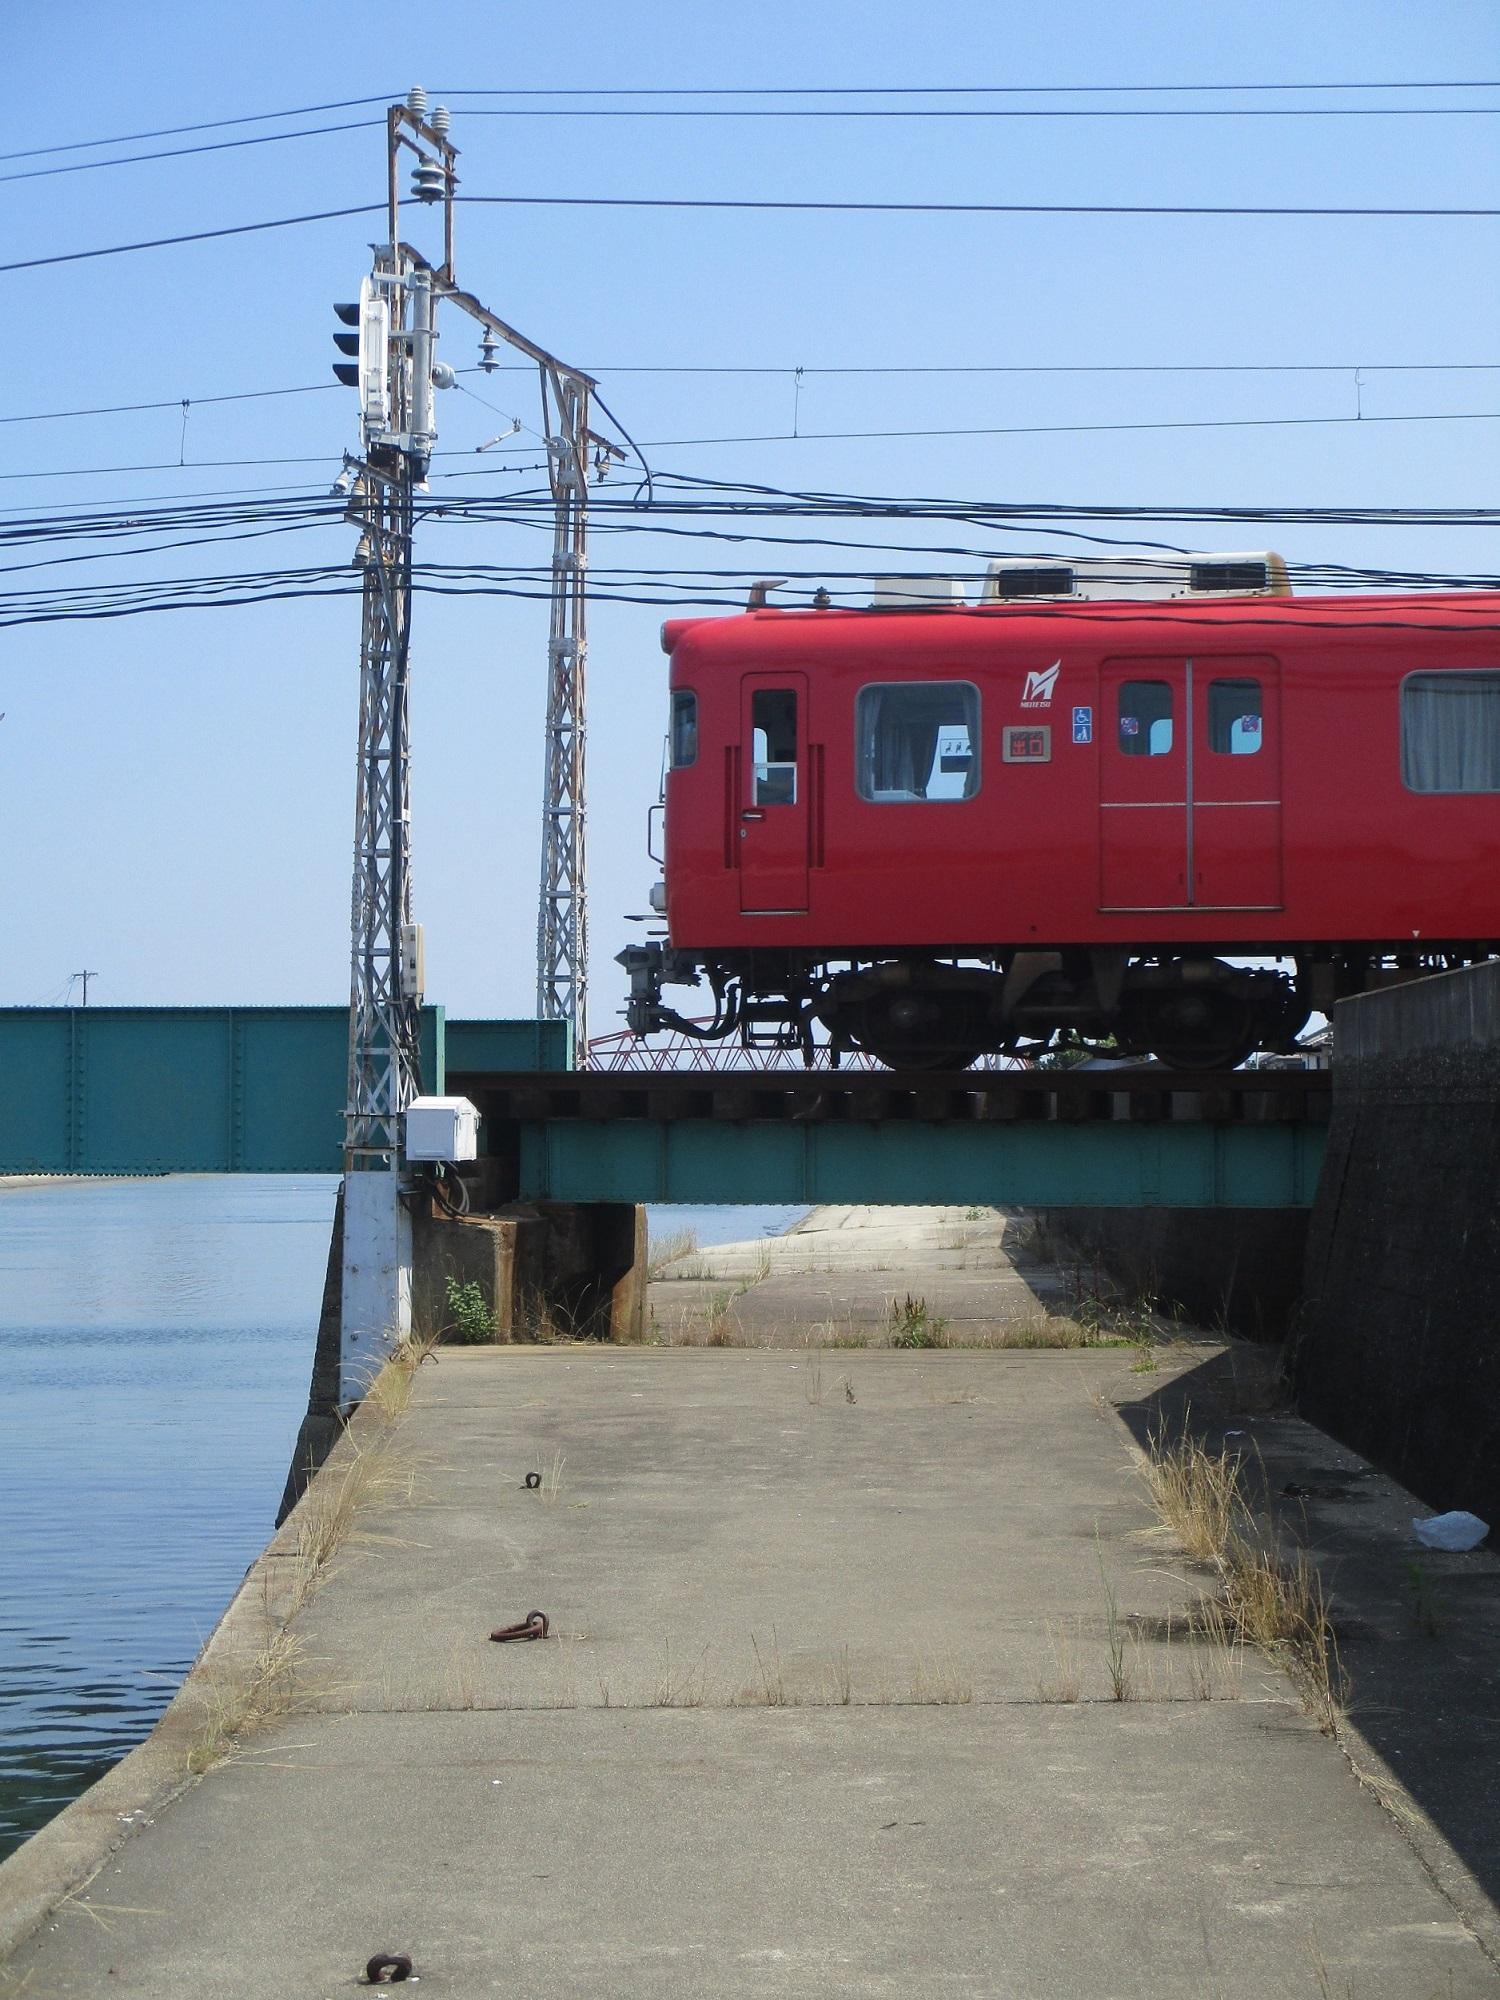 2020.6.16 (12) 矢崎川鉄橋 - 蒲郡いきふつう 1500-2000